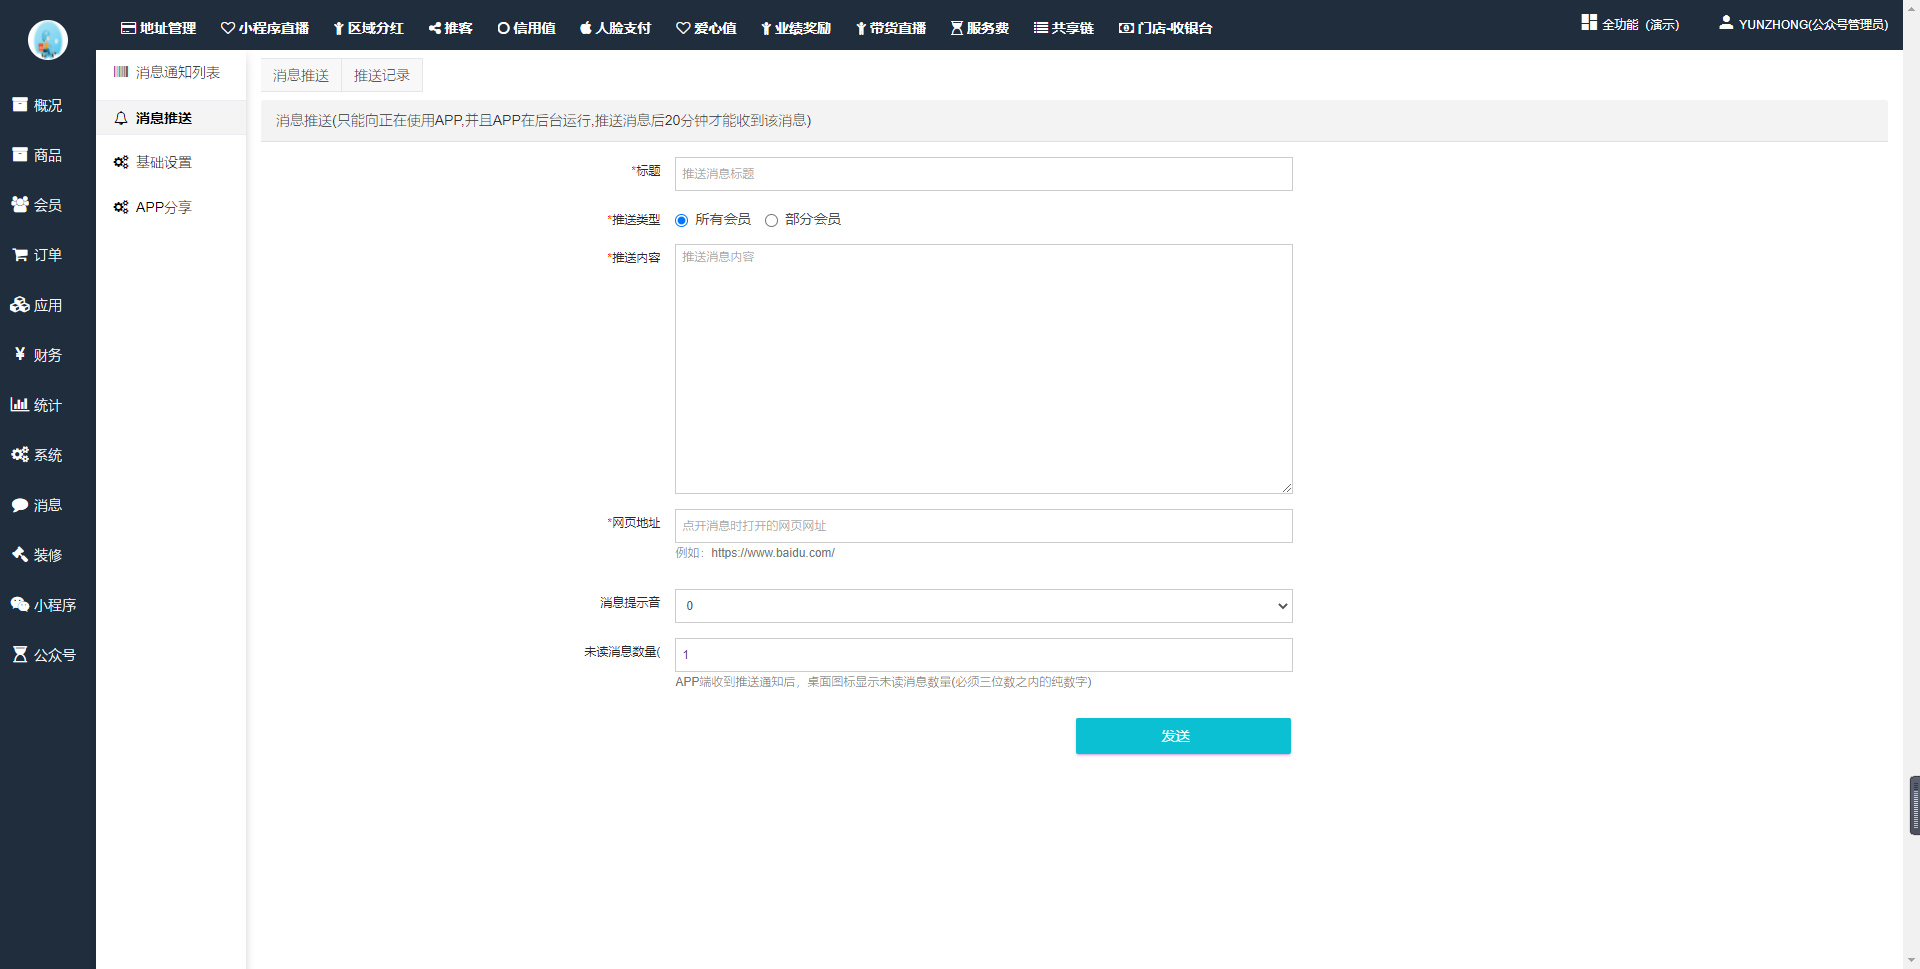 芸众商城APP插件:APP端商城入口 一键配置 快速搭建插图2